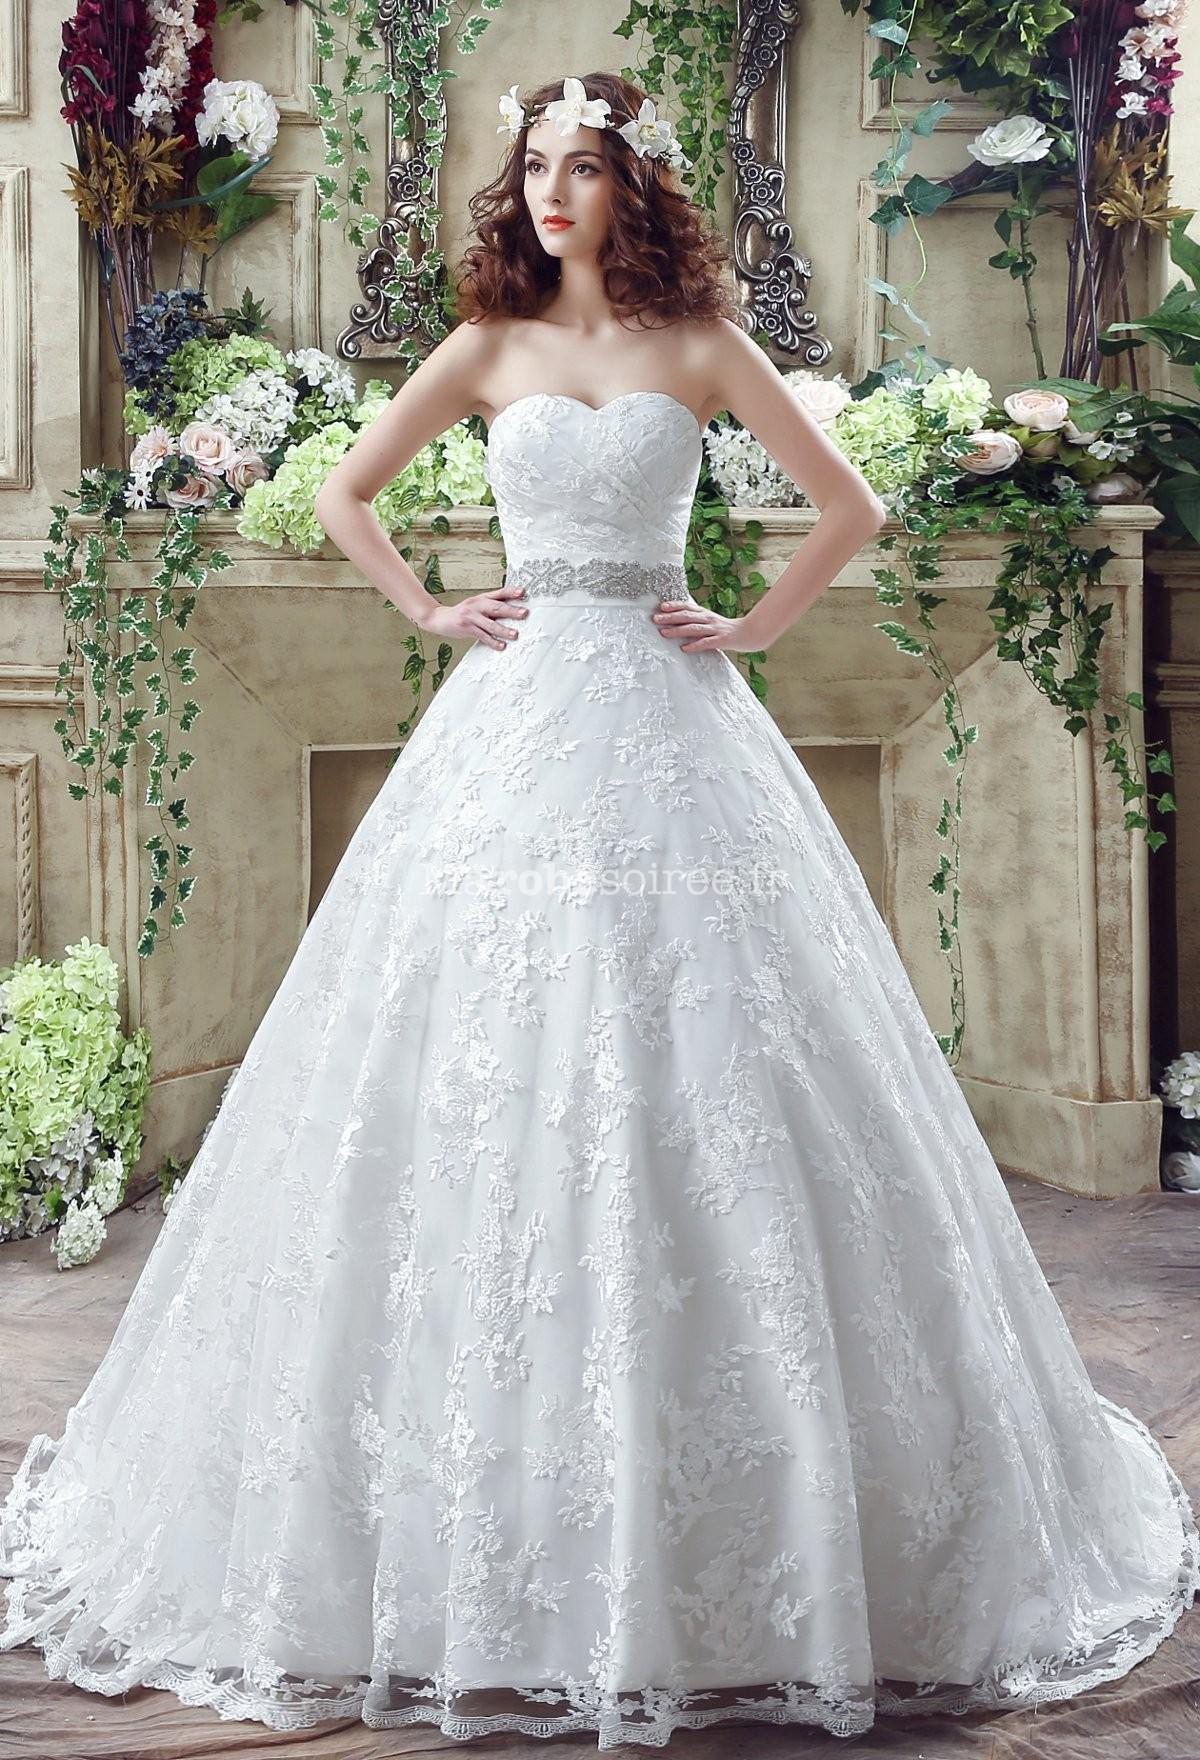 La princesse mariée le premier